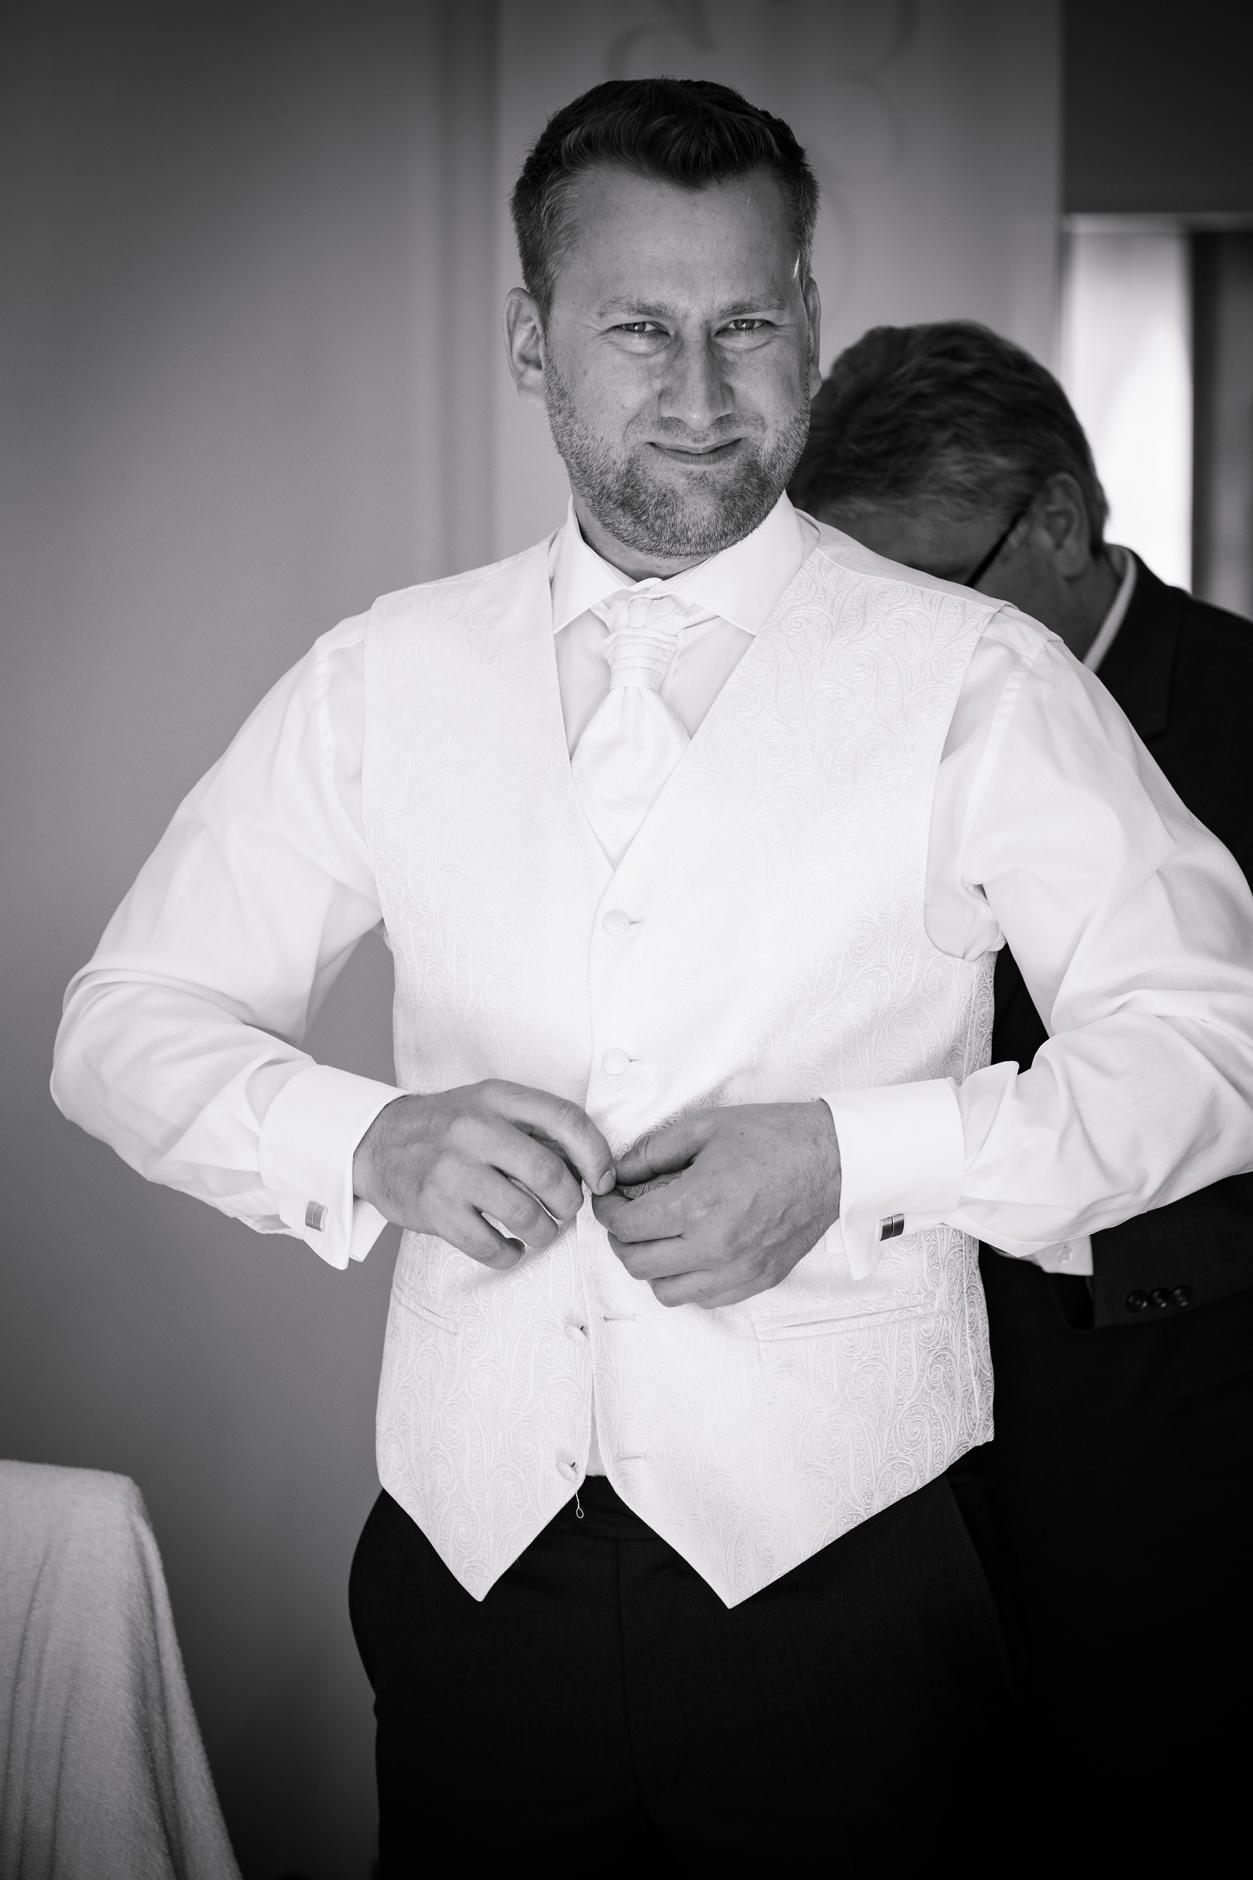 Weste unterm Hochzeitsanzug